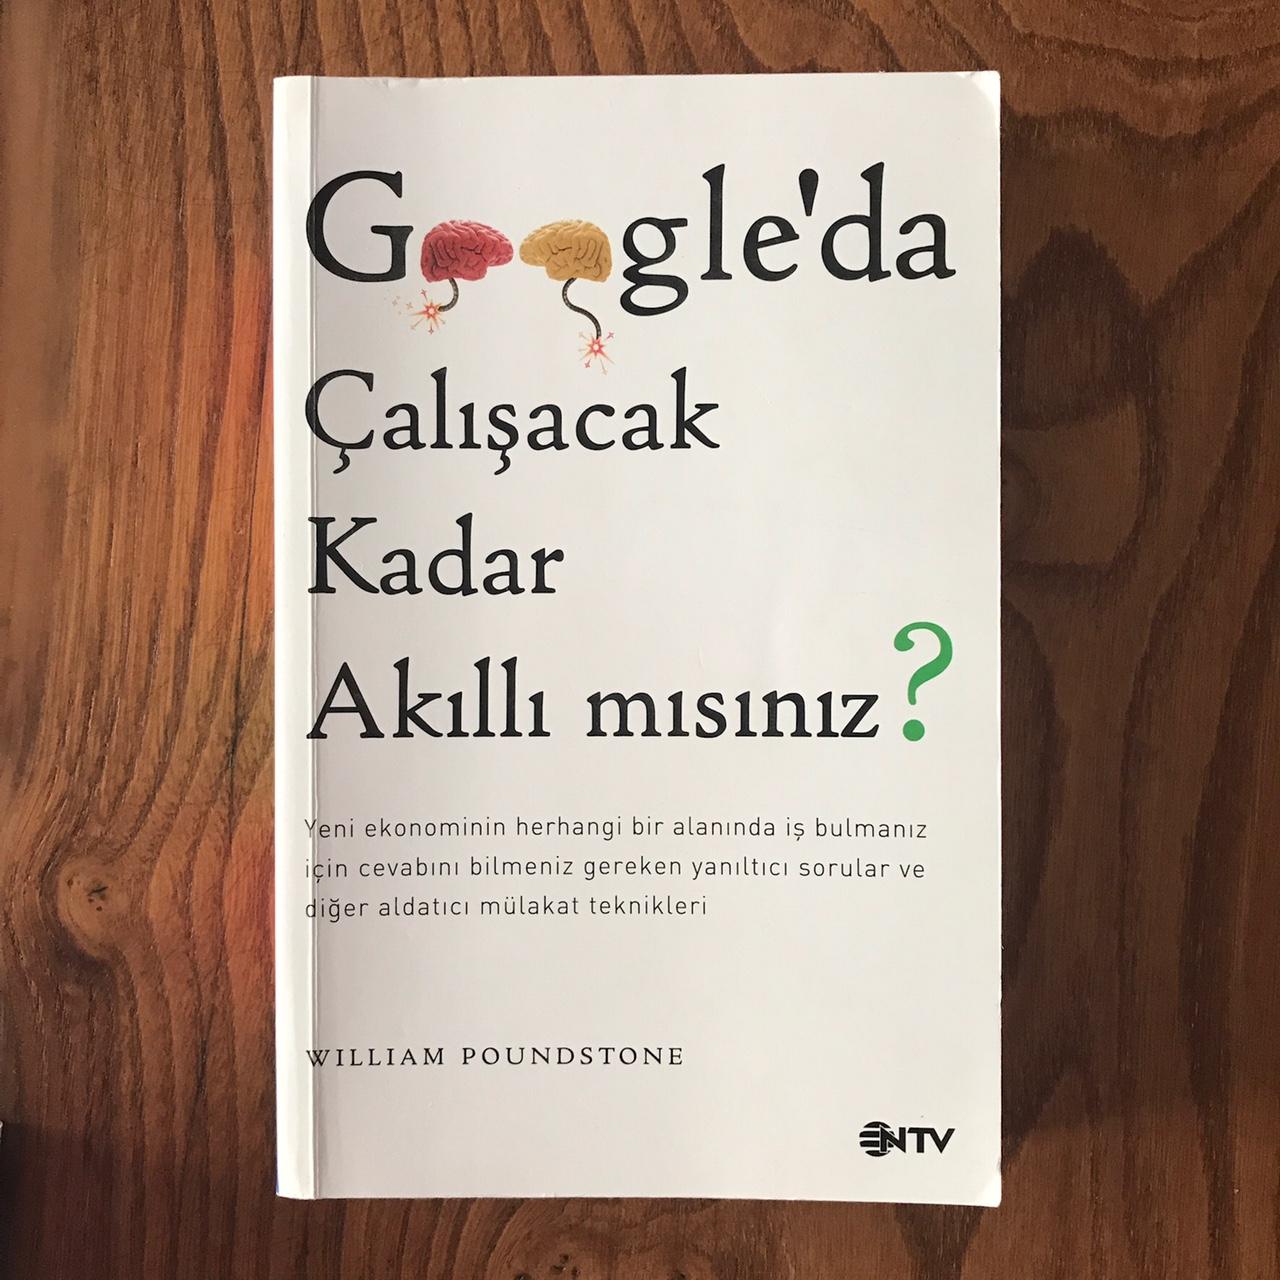 Google'da Calisabilecek Kadar Akilli misniz?